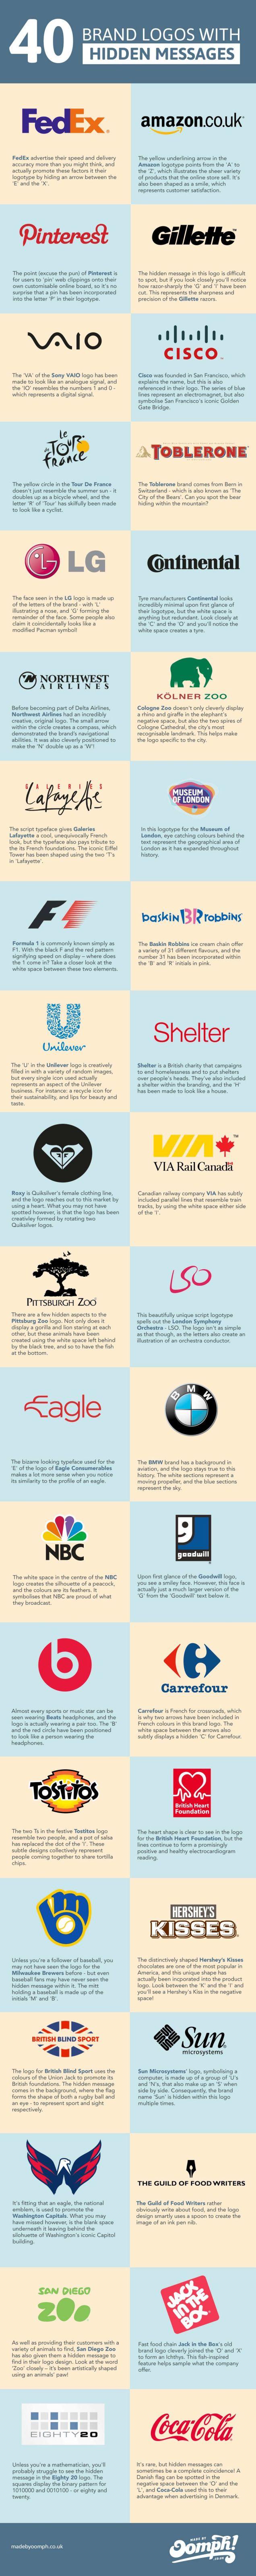 infografia 40 logos con mensajes ocultos